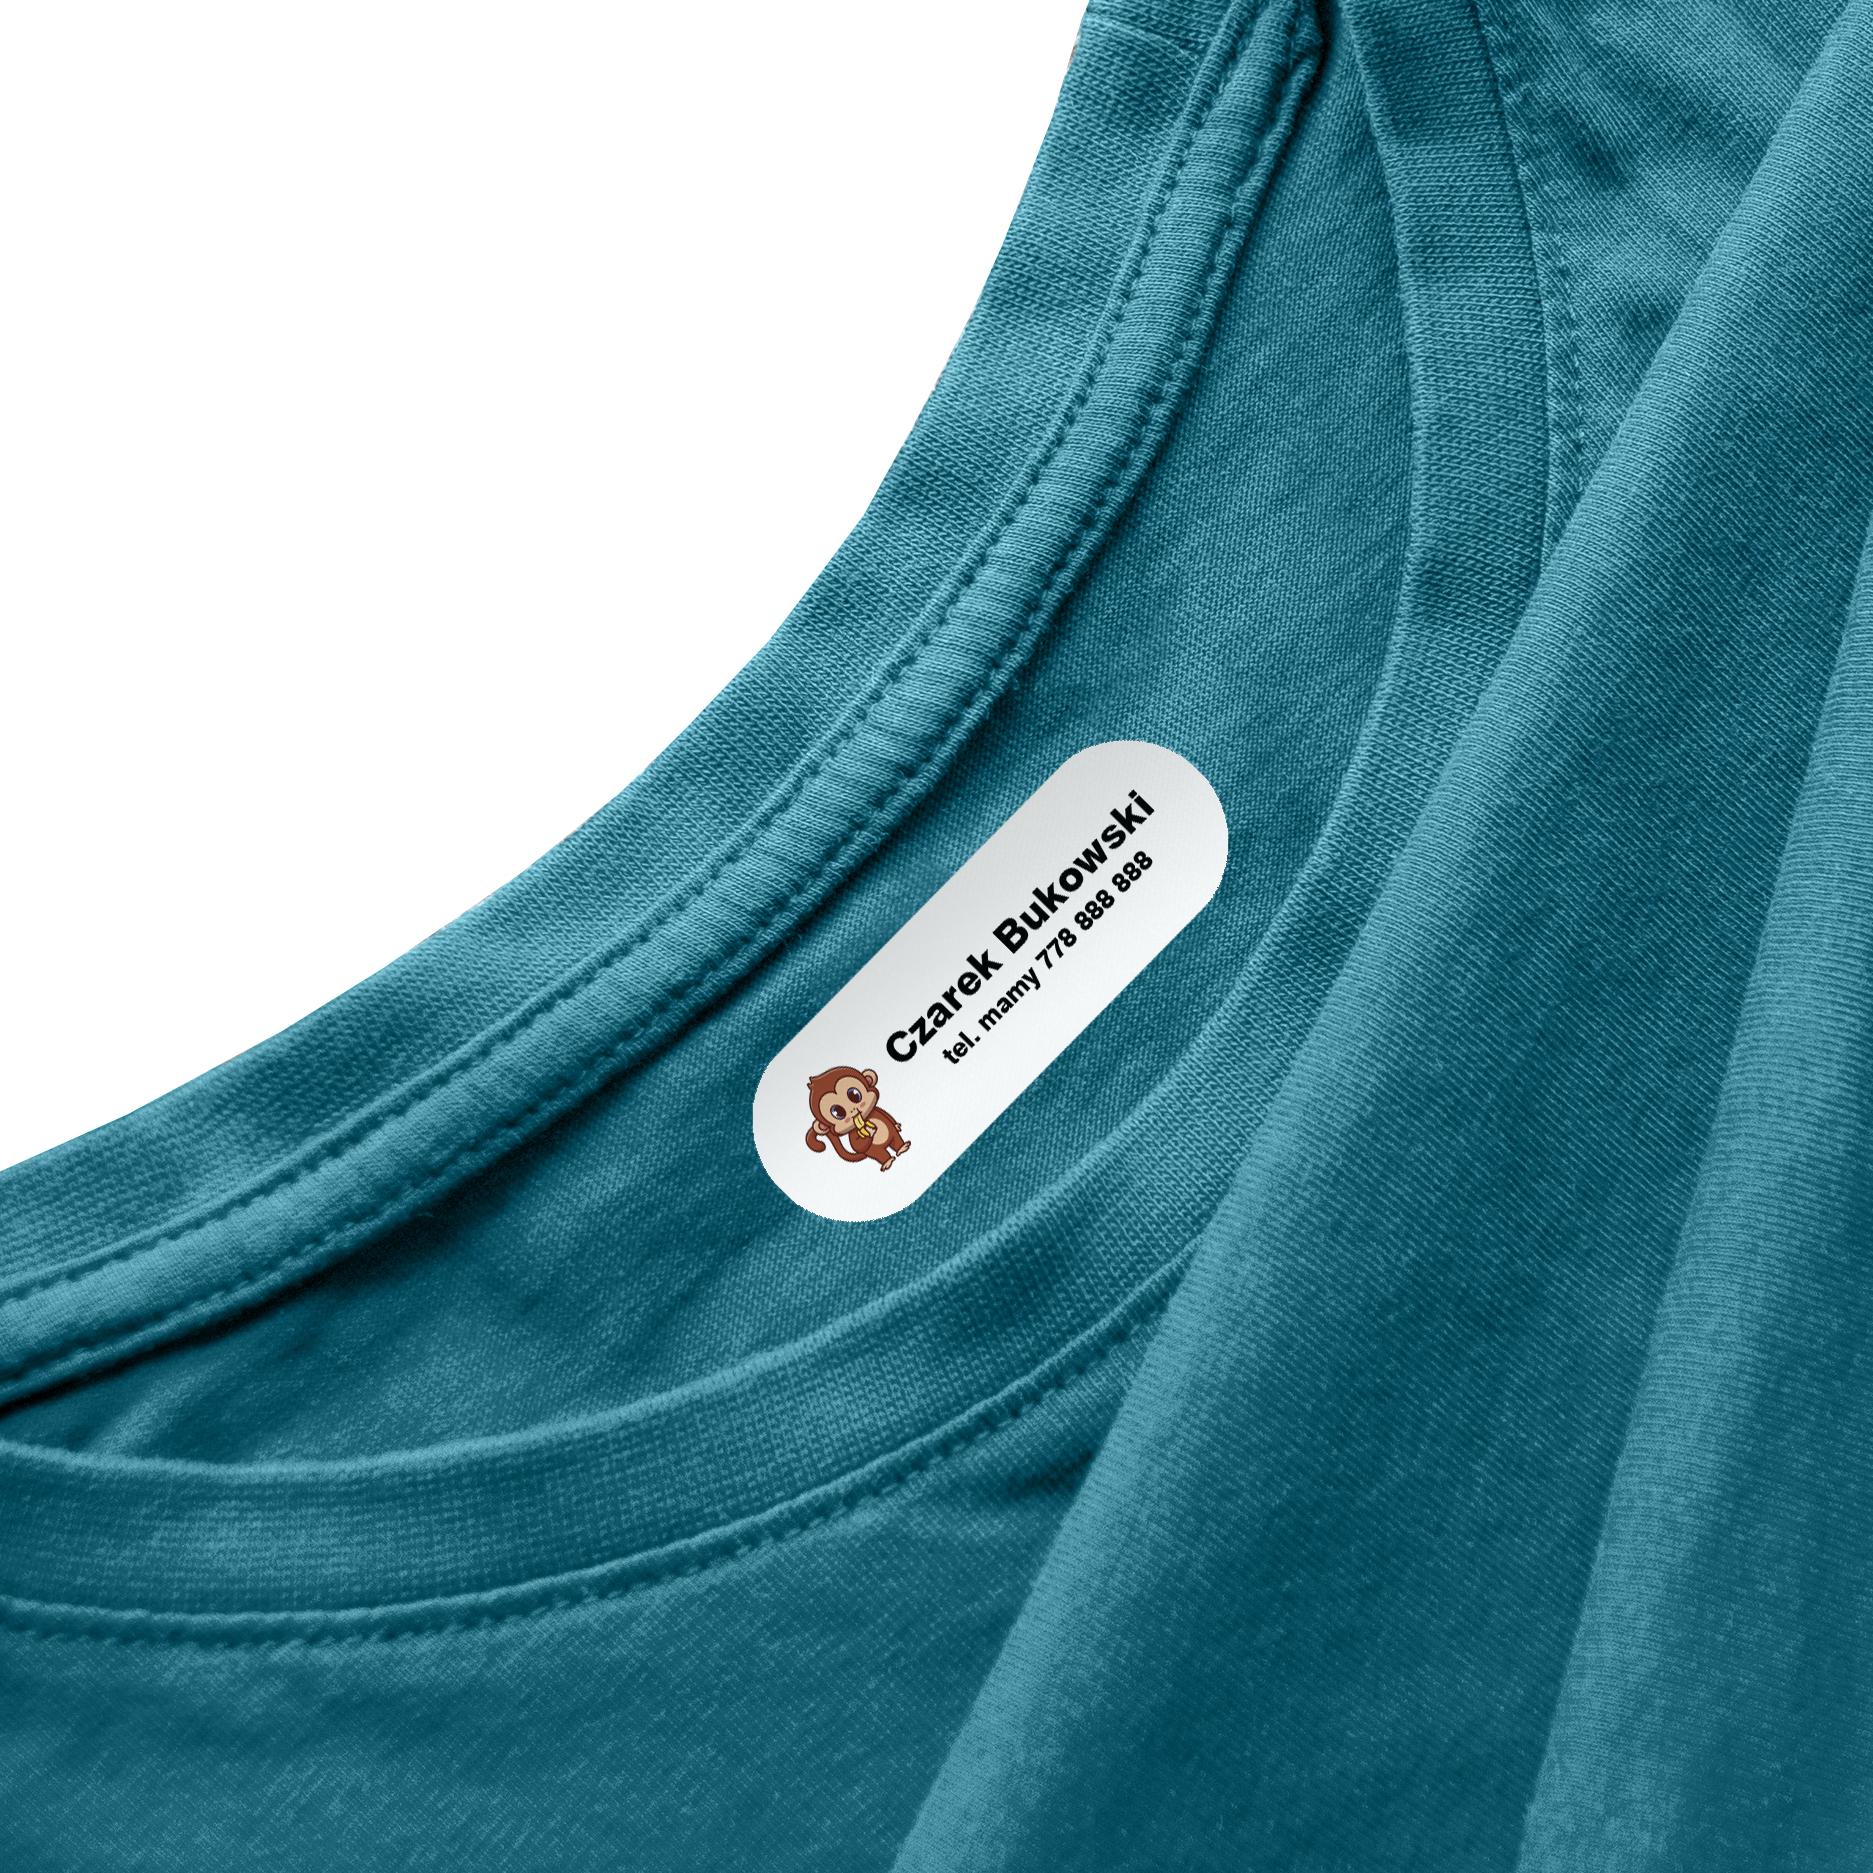 Naprasowanki na ubrania naprasowanka imienna metki dla dziecka małpka